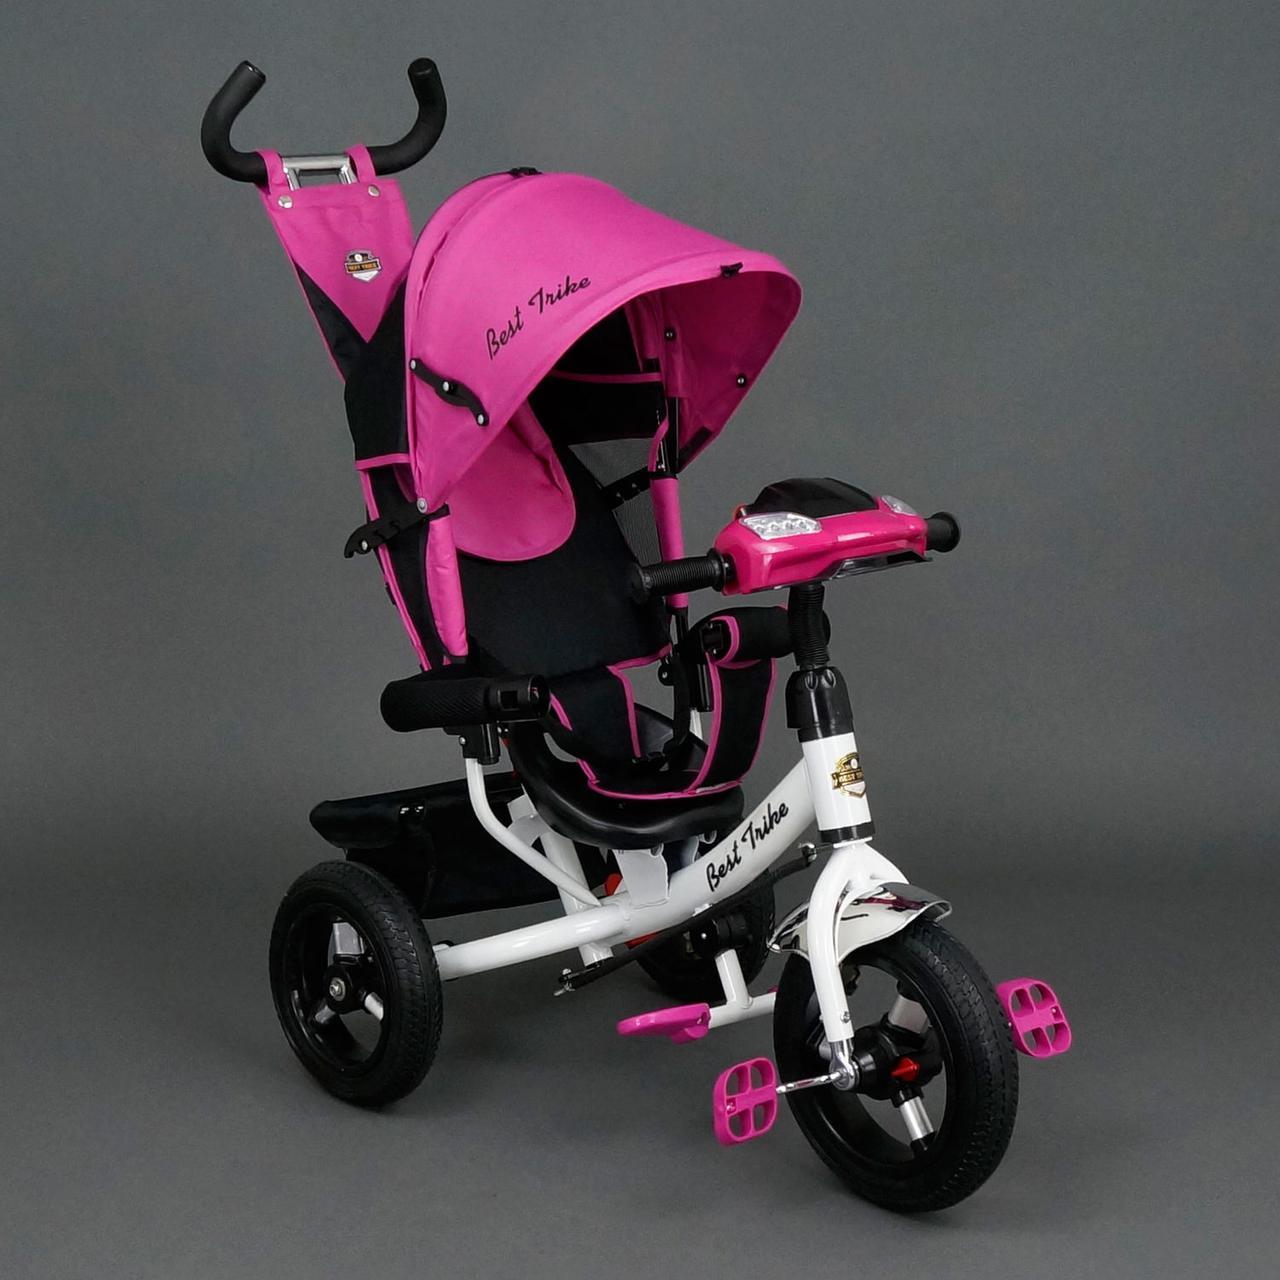 Трехколесный велосипед с фарой и ключом зажигания Best Trike 6588B роз